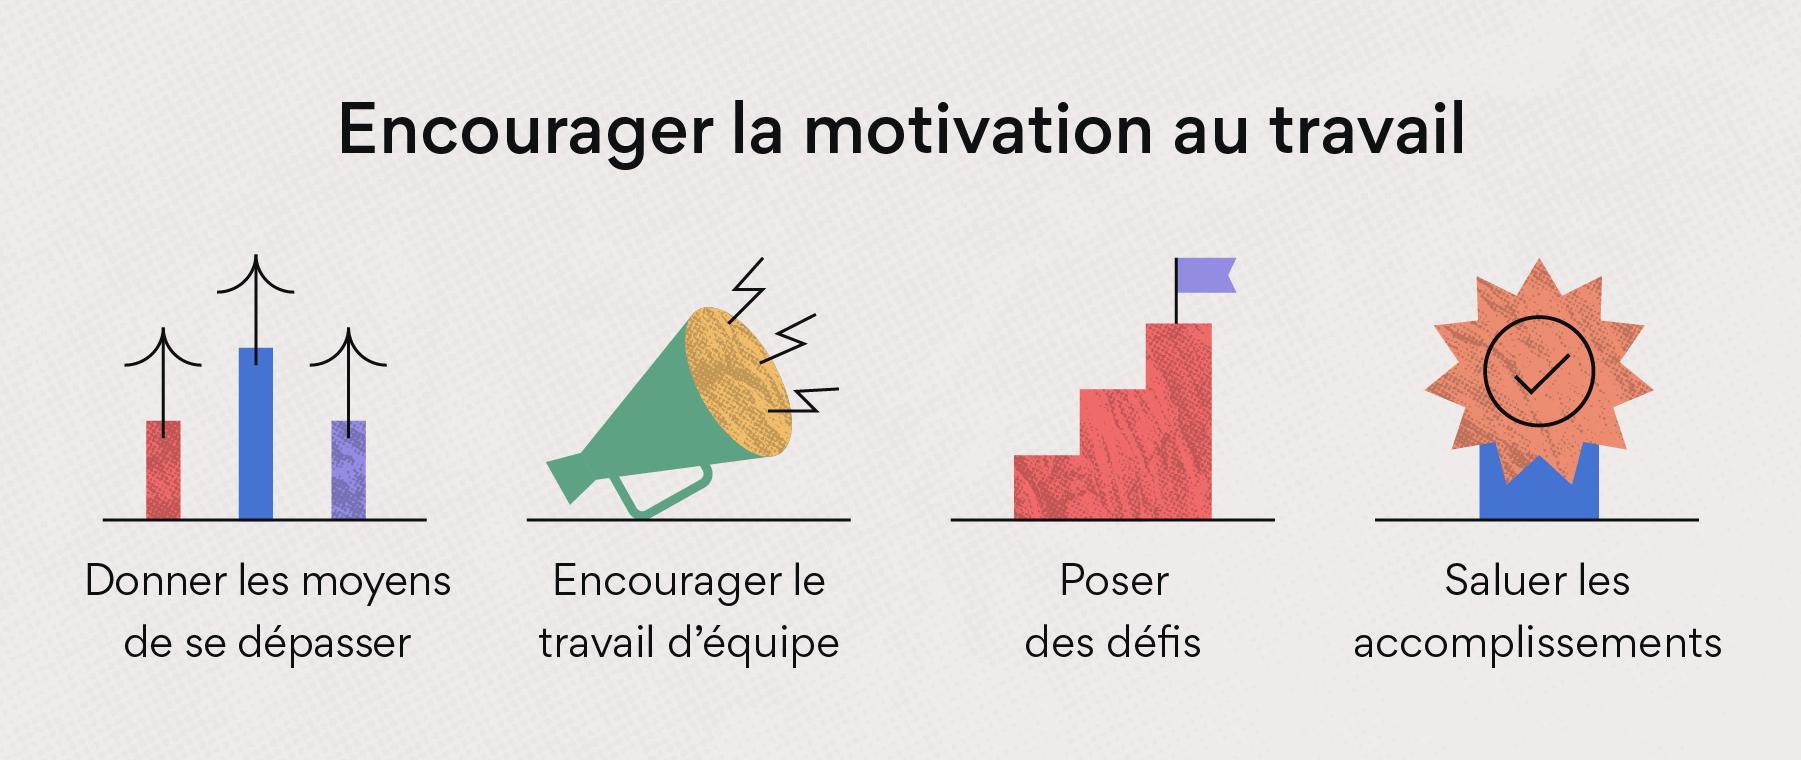 Encourager la motivation au travail